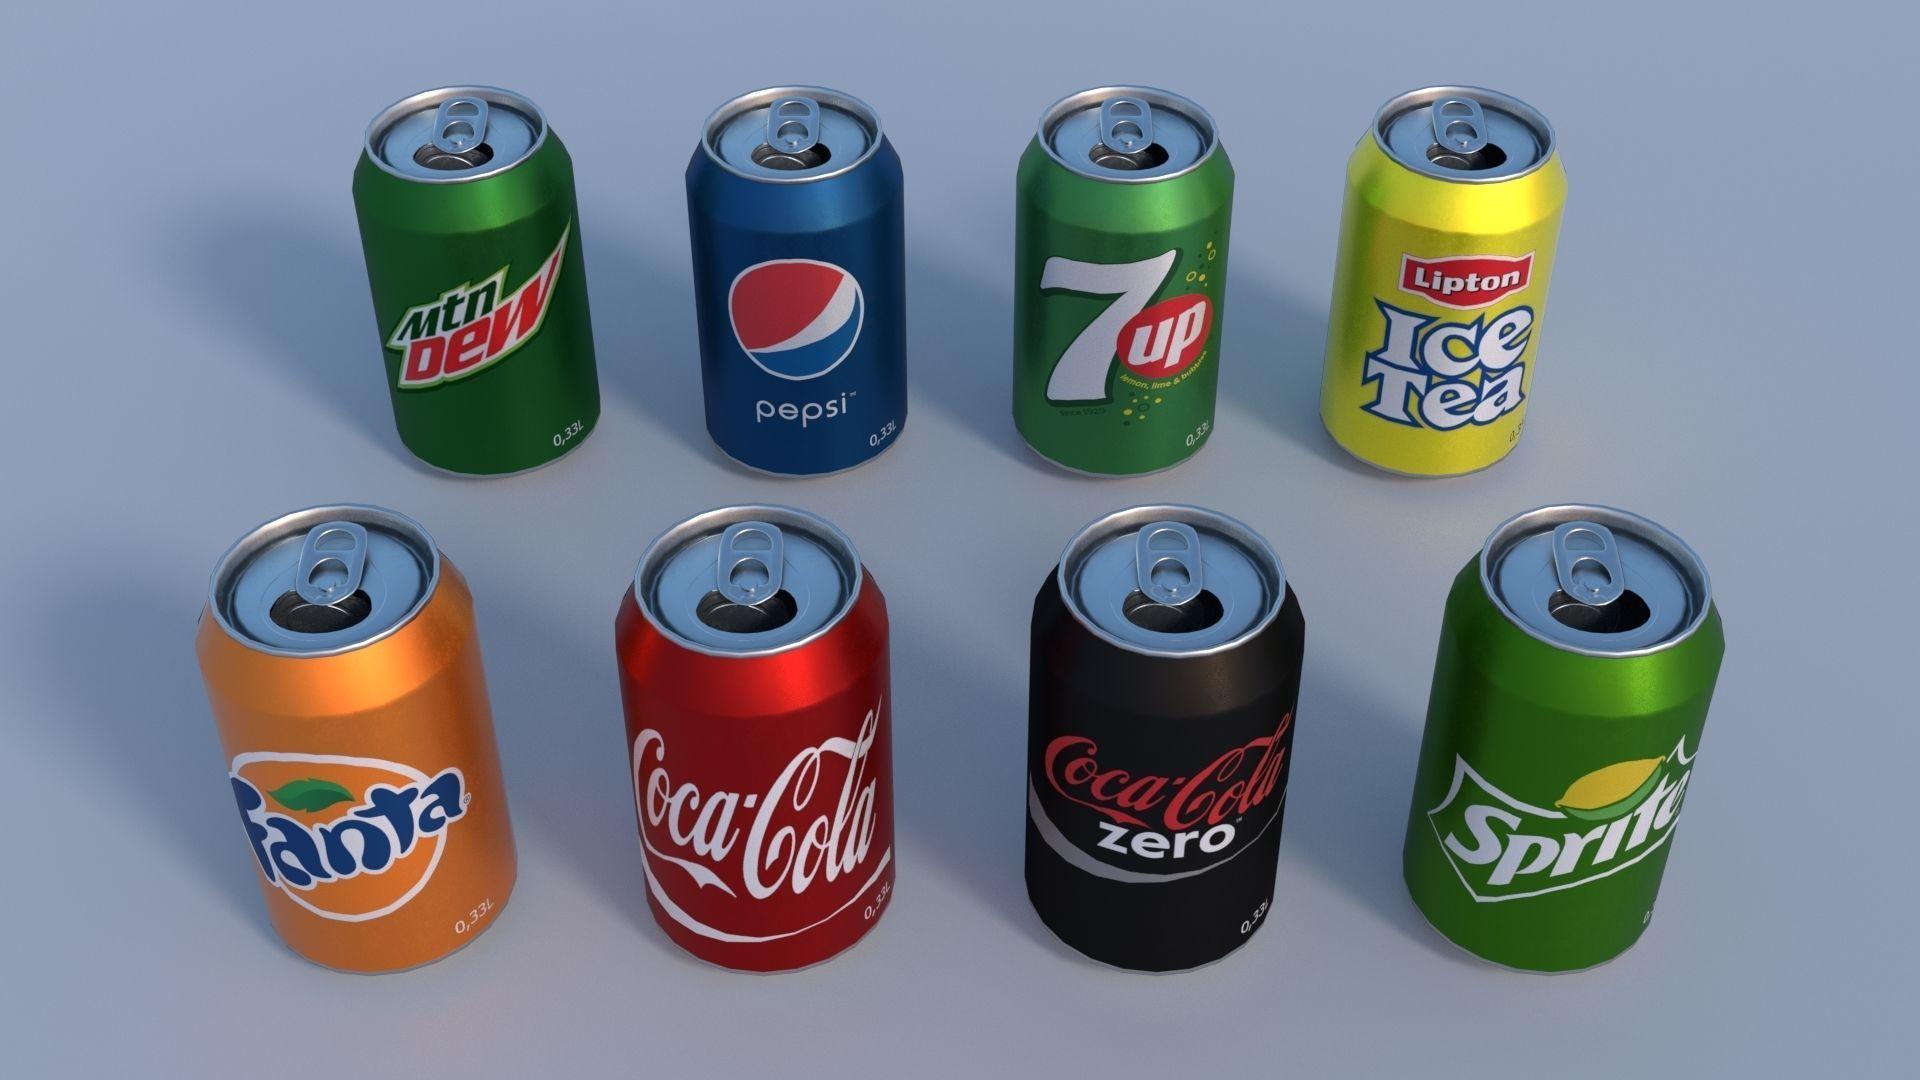 Soda cans PBR